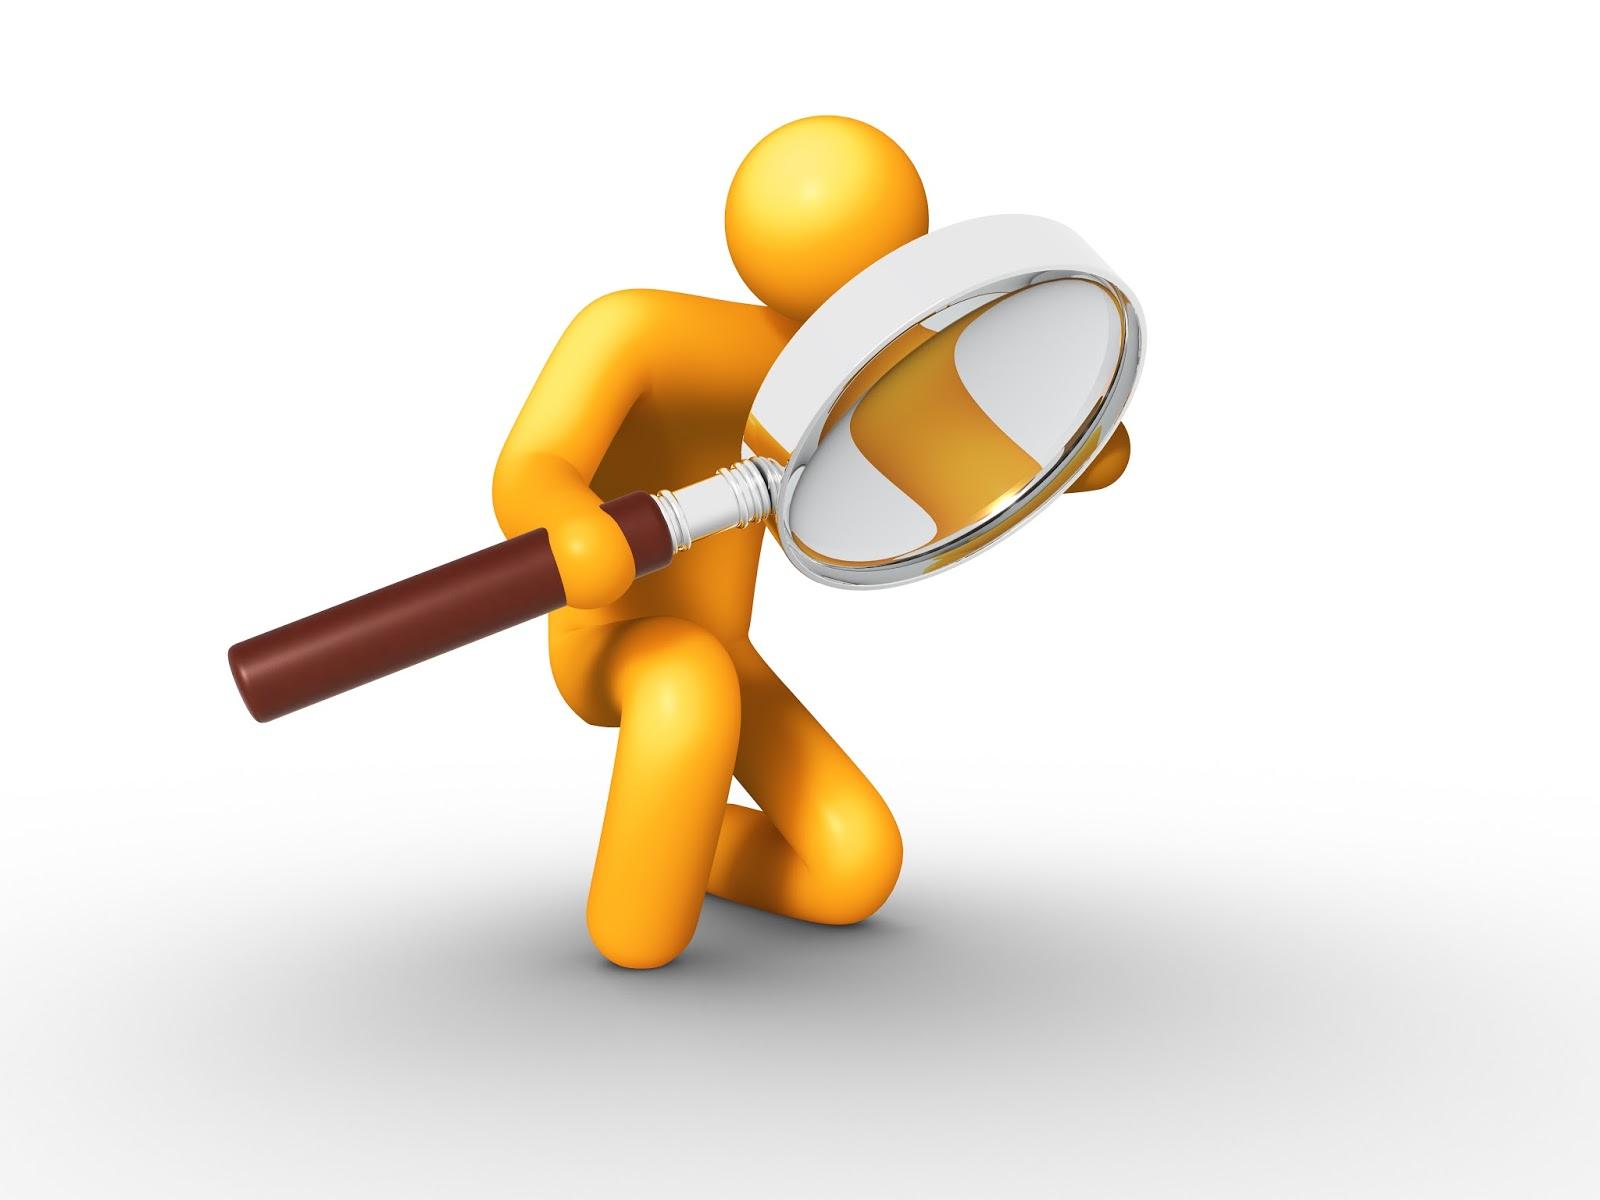 Справочник для удобного поиска заведений и услуг